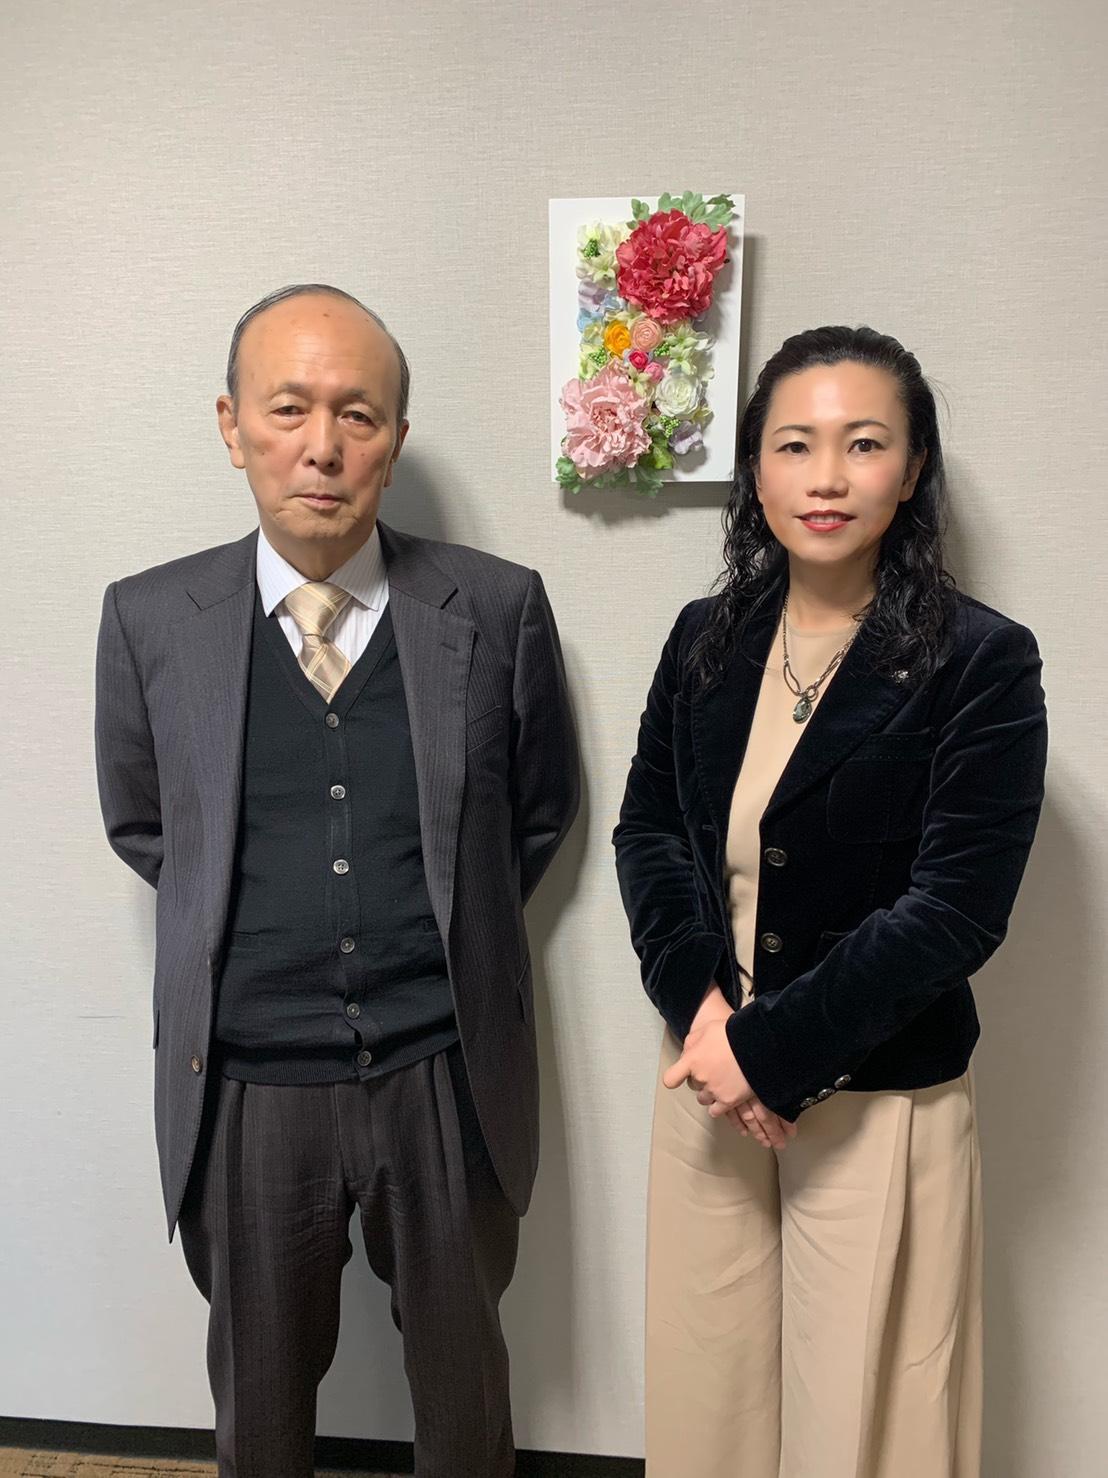 企業研究vol.045 杉源嗣 会長、中川あゆみ 社長